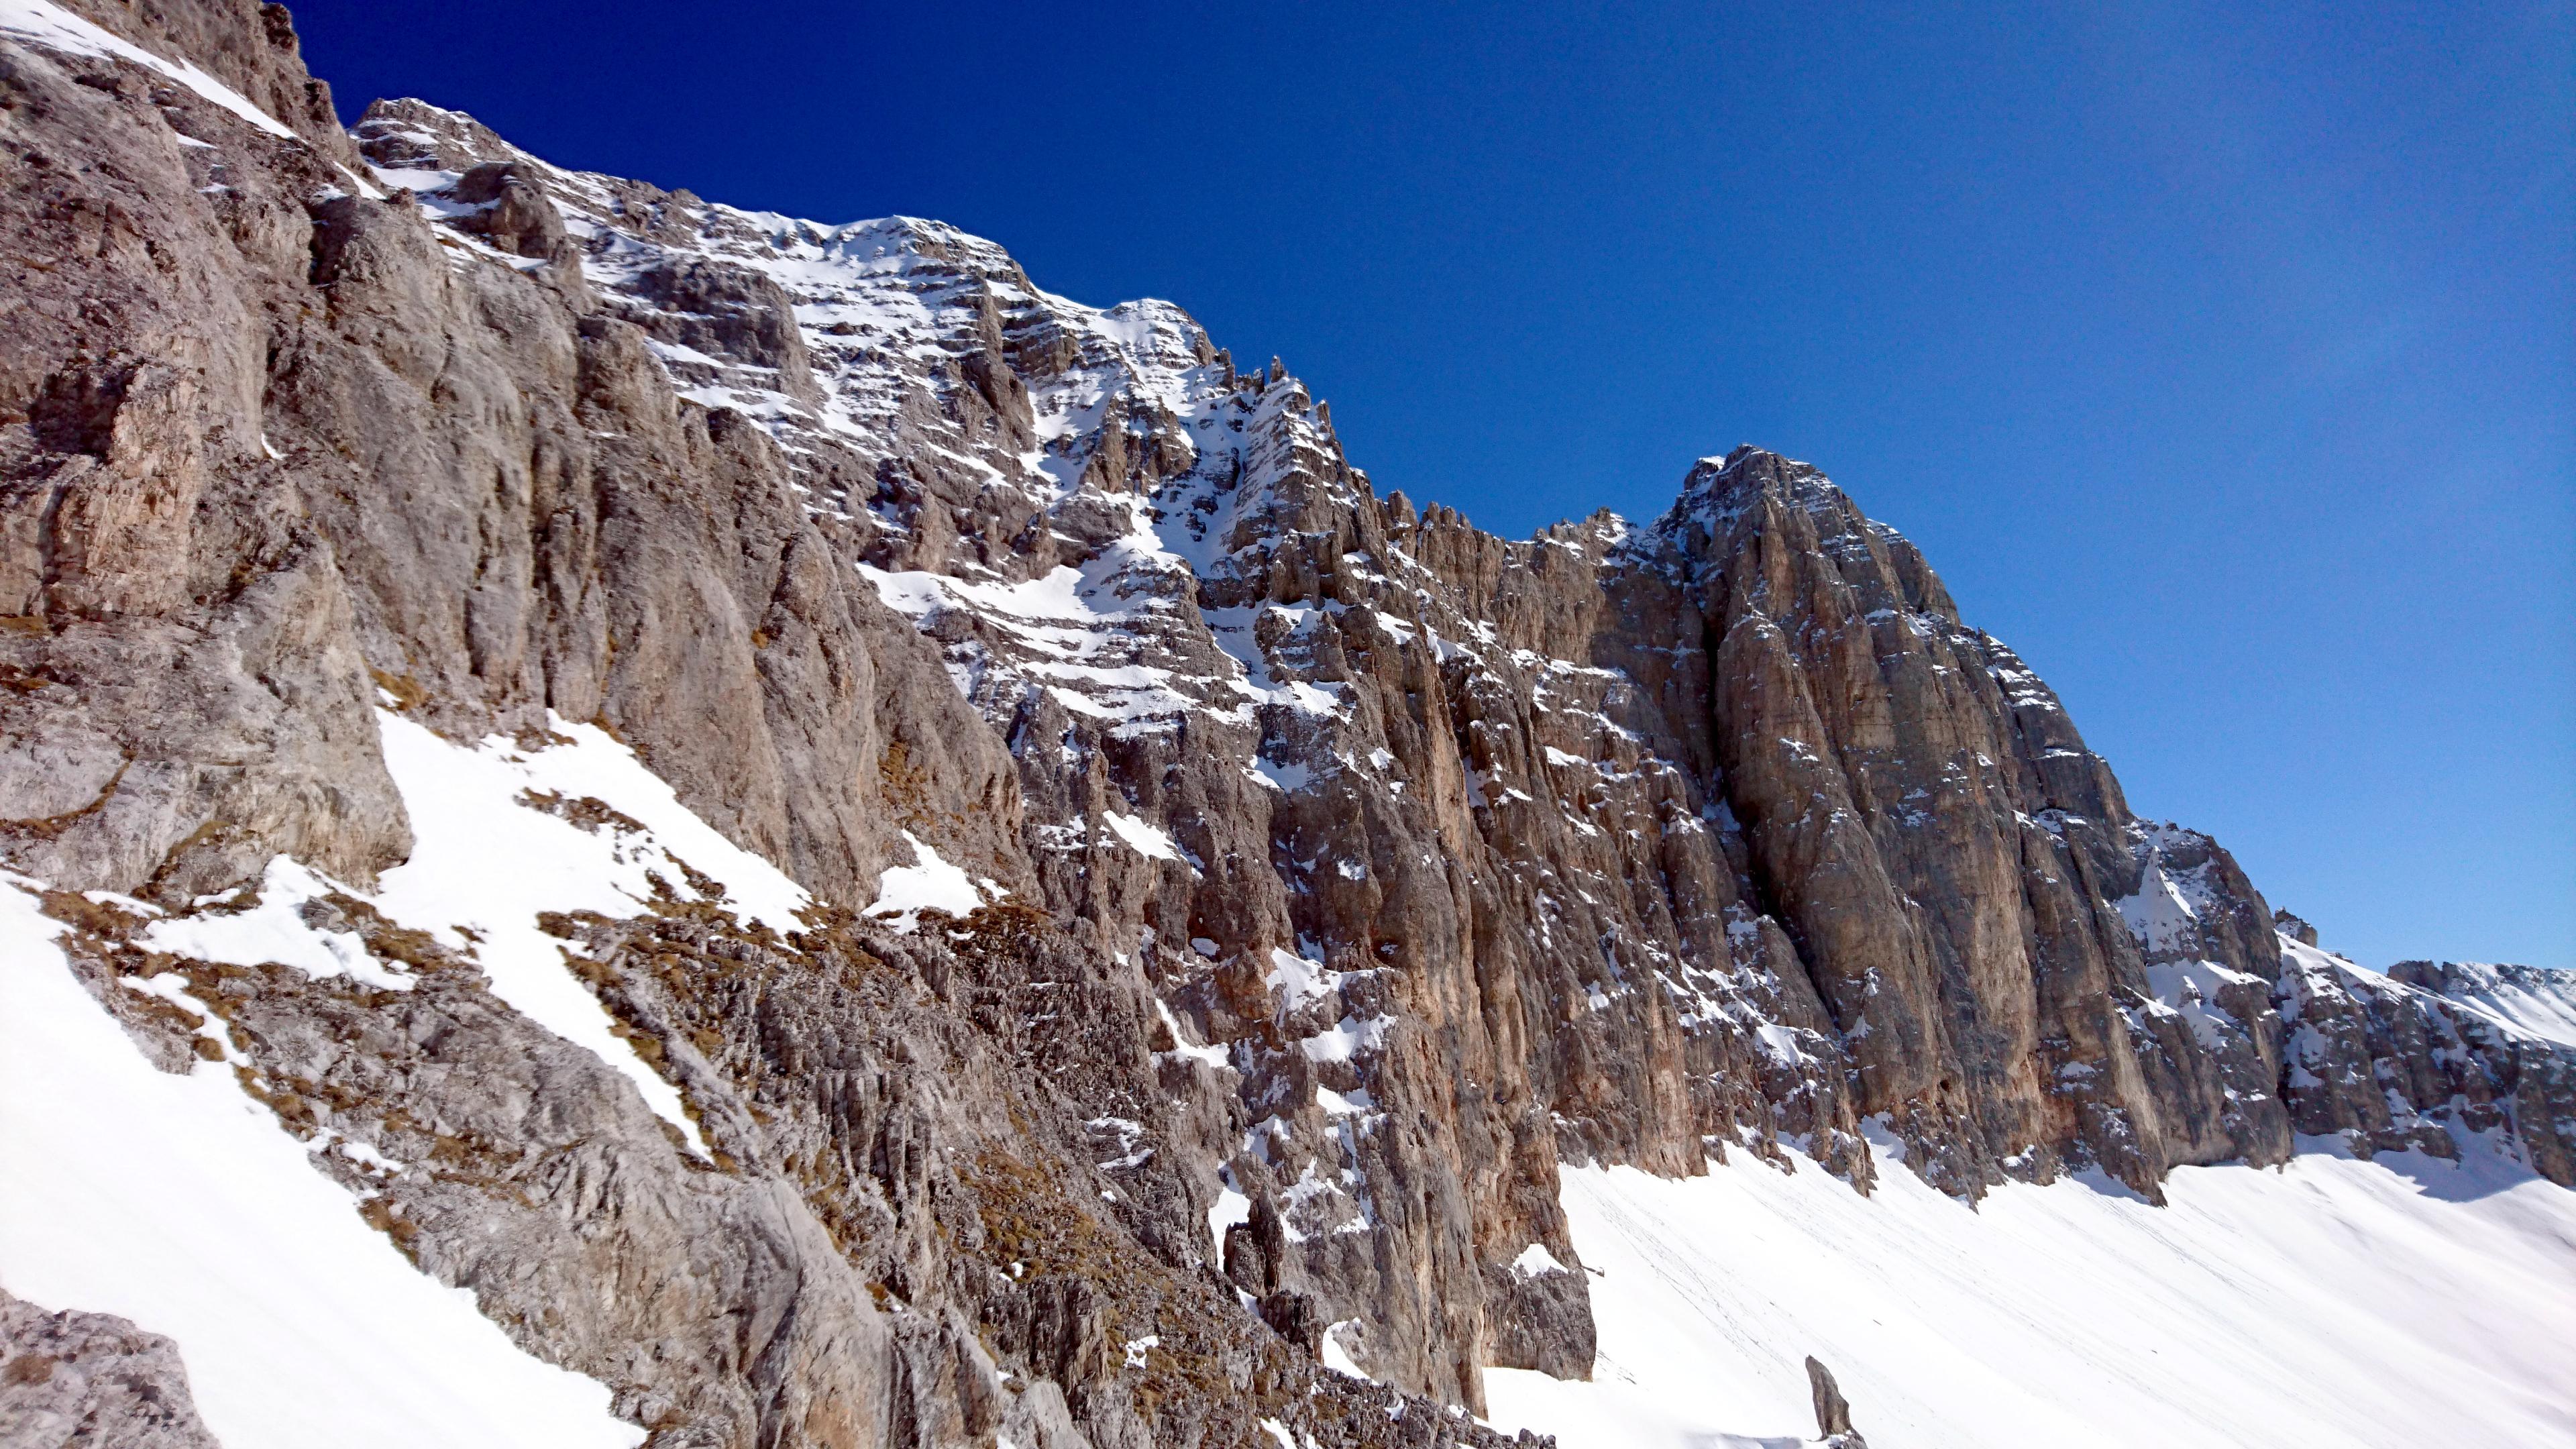 Vista verso i gruppi rocciosi della Pietra Grande